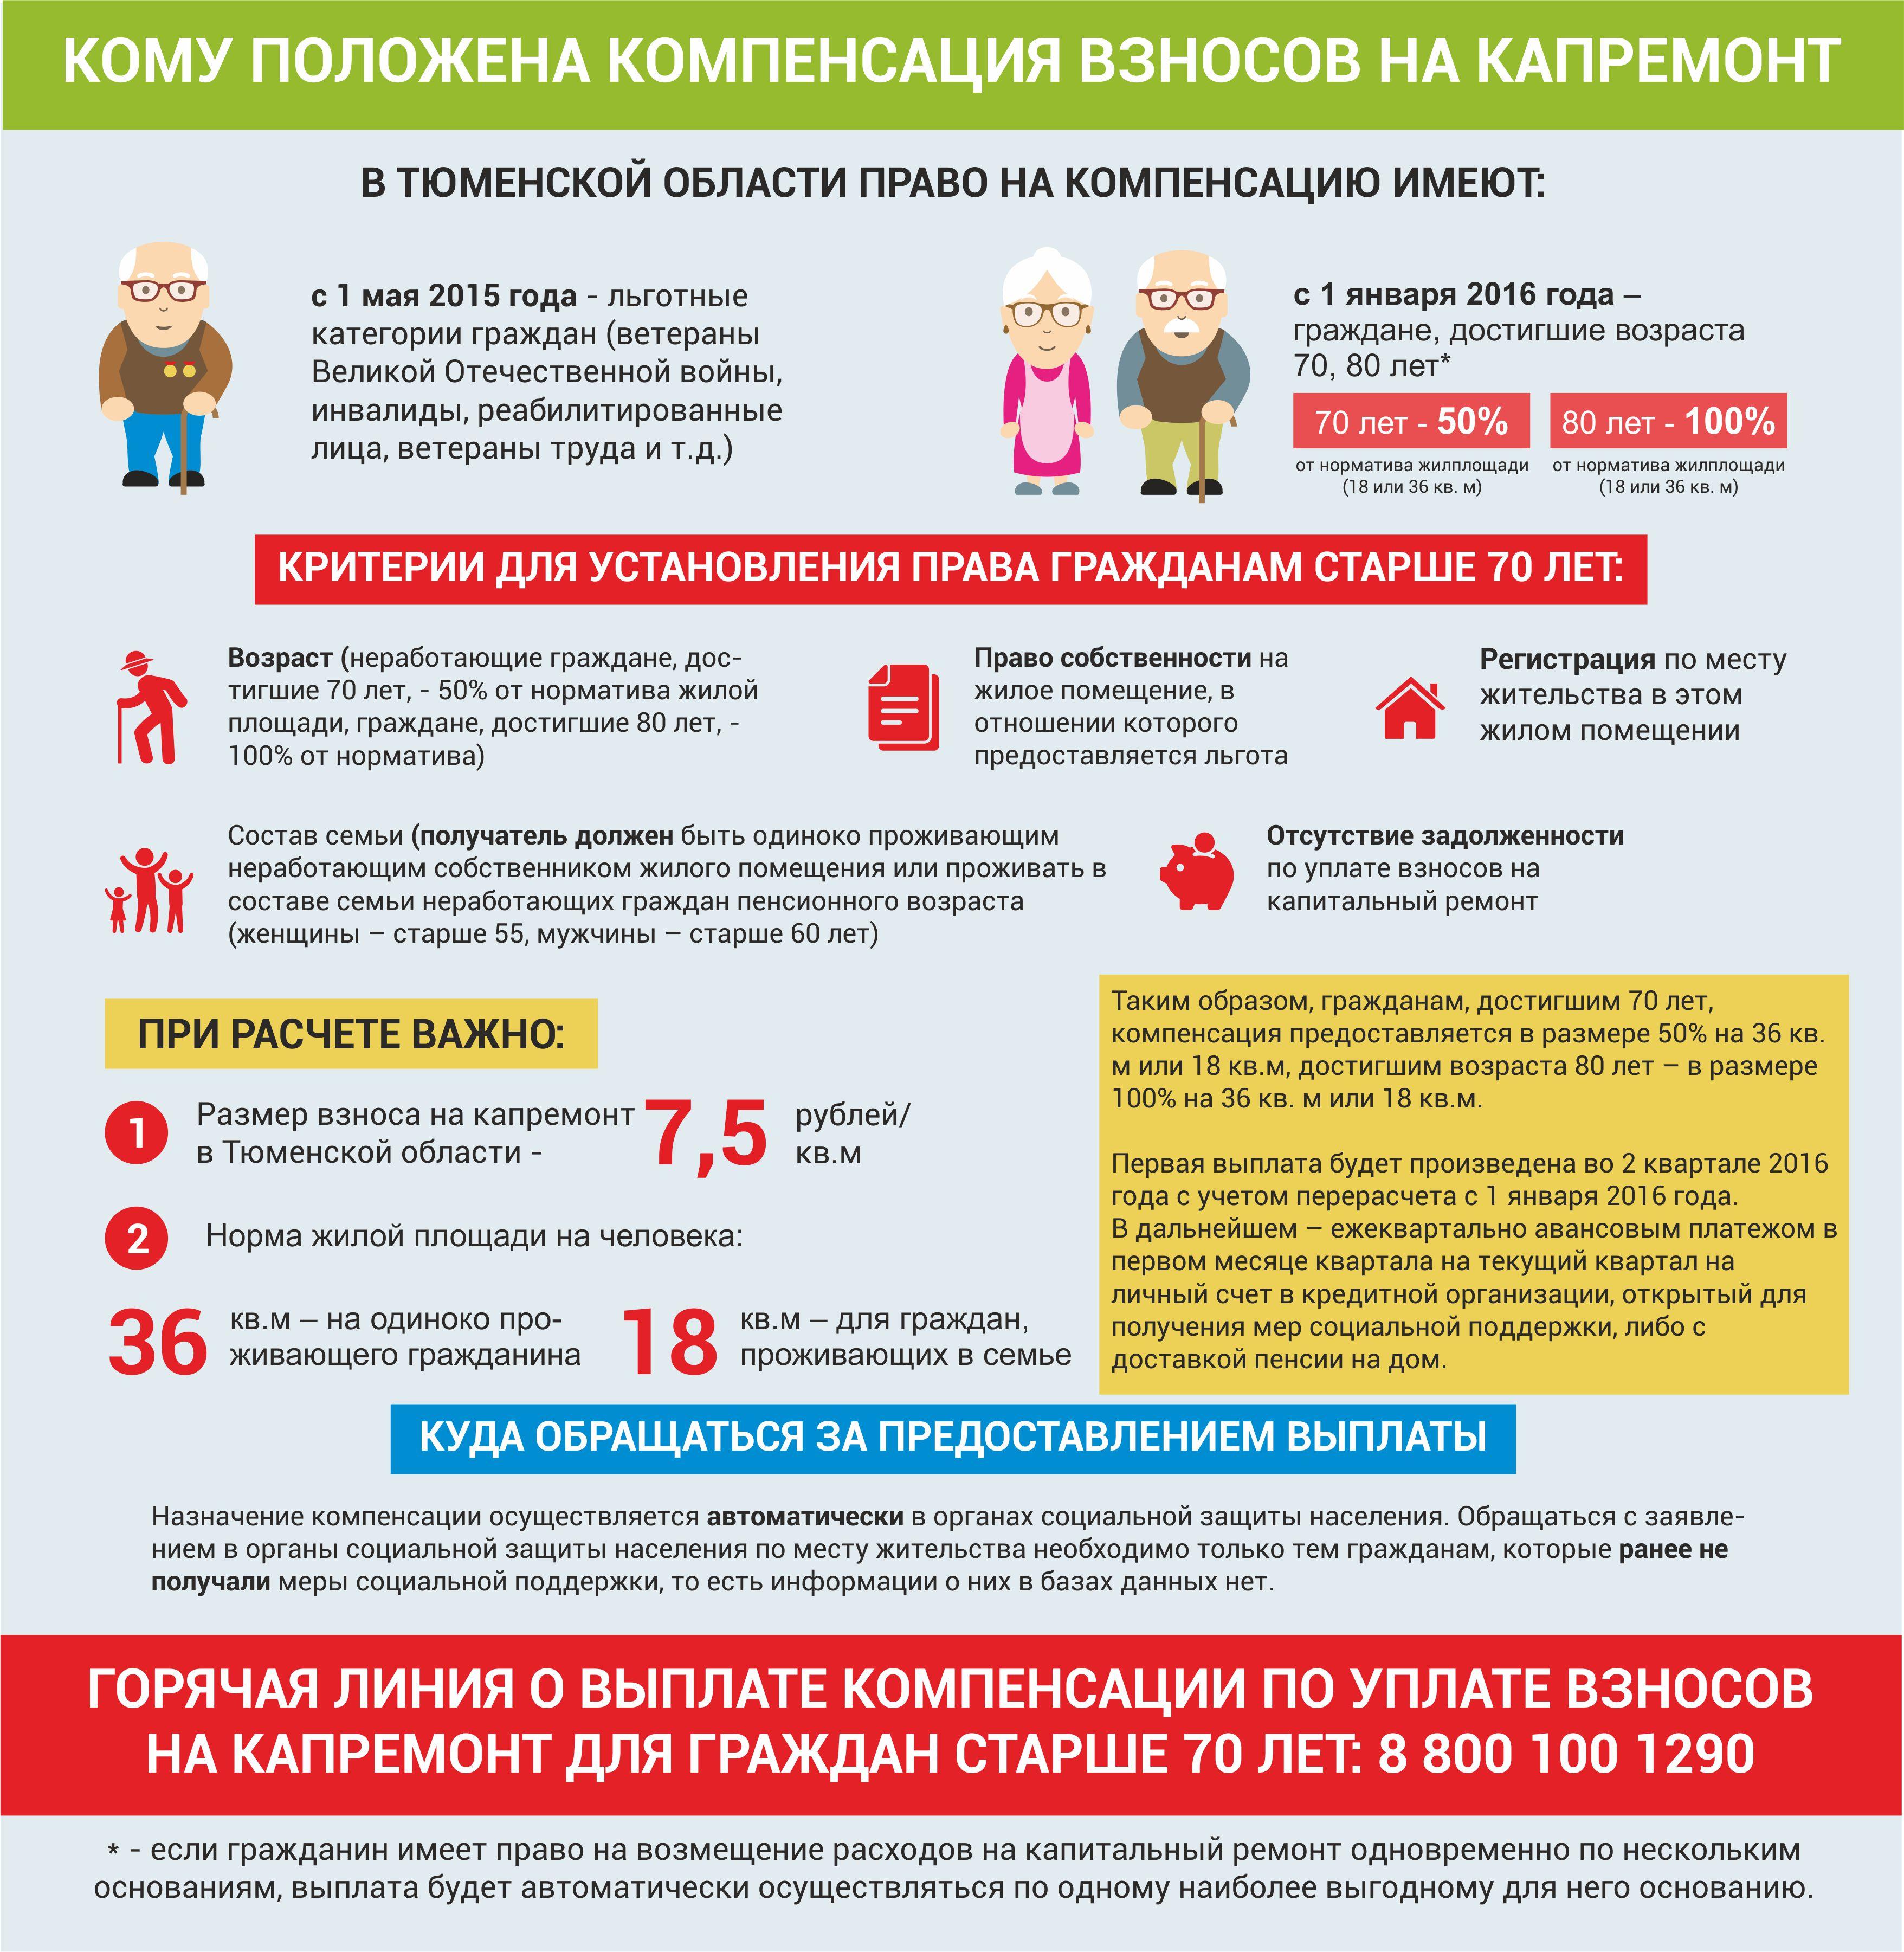 Льготы по жкх в москве: порядок предоставления, расчет